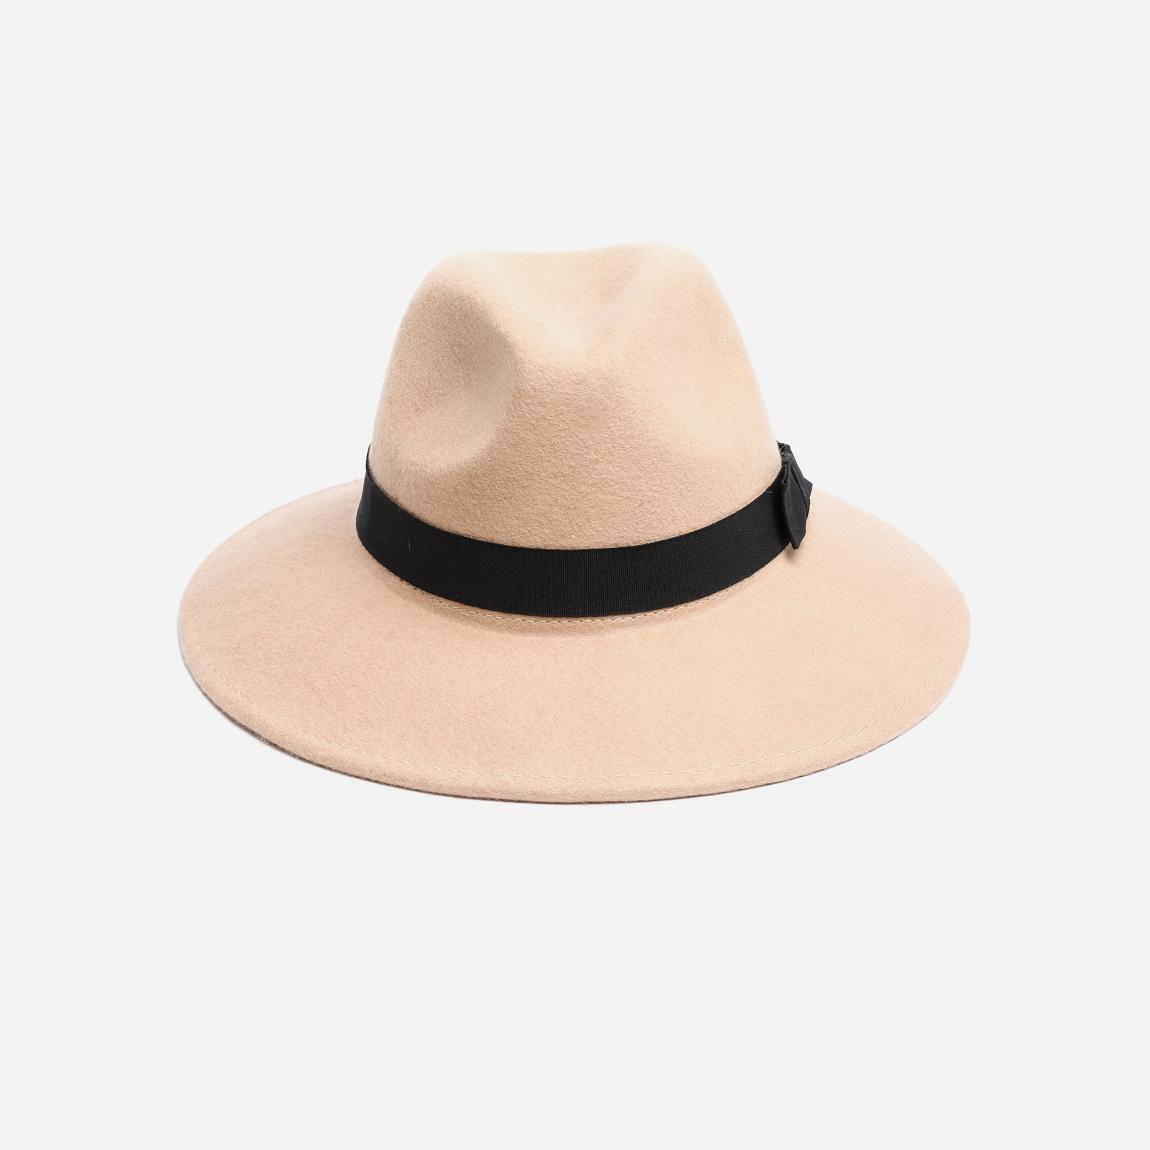 c431da280e9 WIDE BRIM HAT - TAN The Lot Headwear